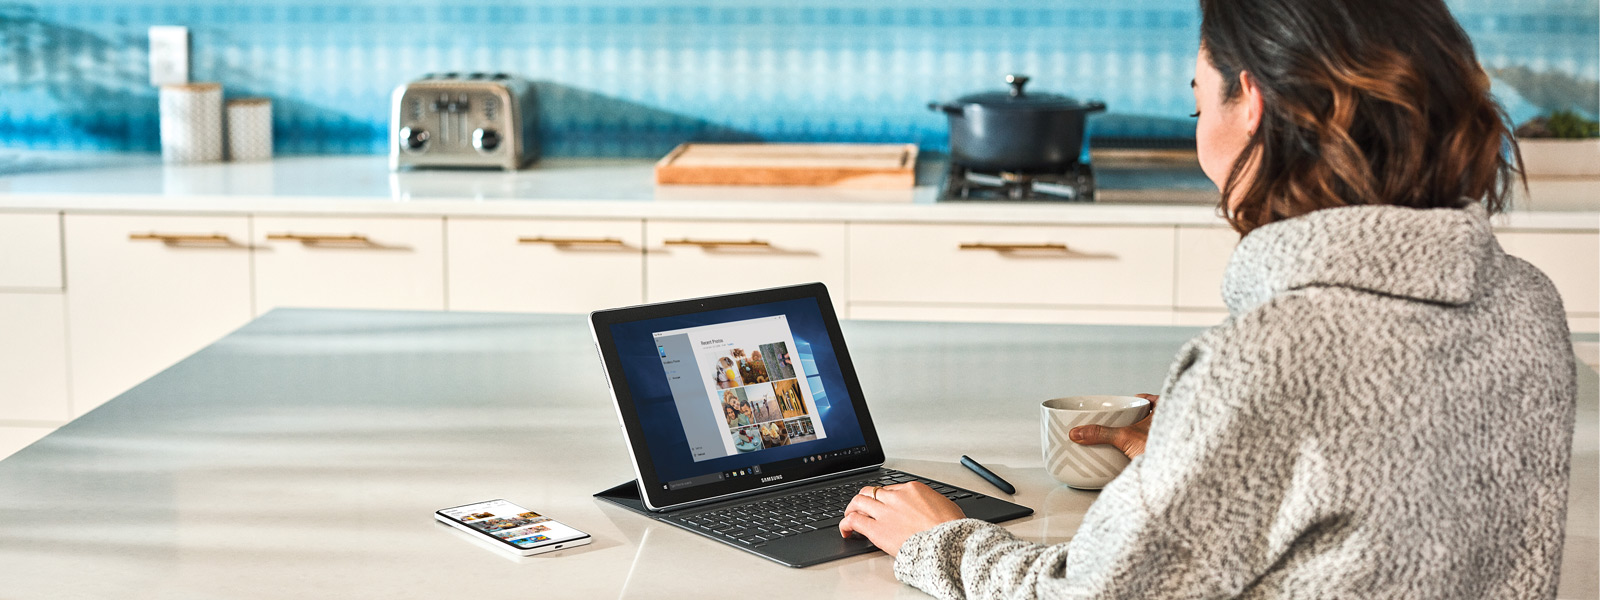 Ženska, ki sedi ob kuhinjskem pultu in uporablja prenosni računalnik s sistemom Windows 10 s svojim mobilnim telefonom